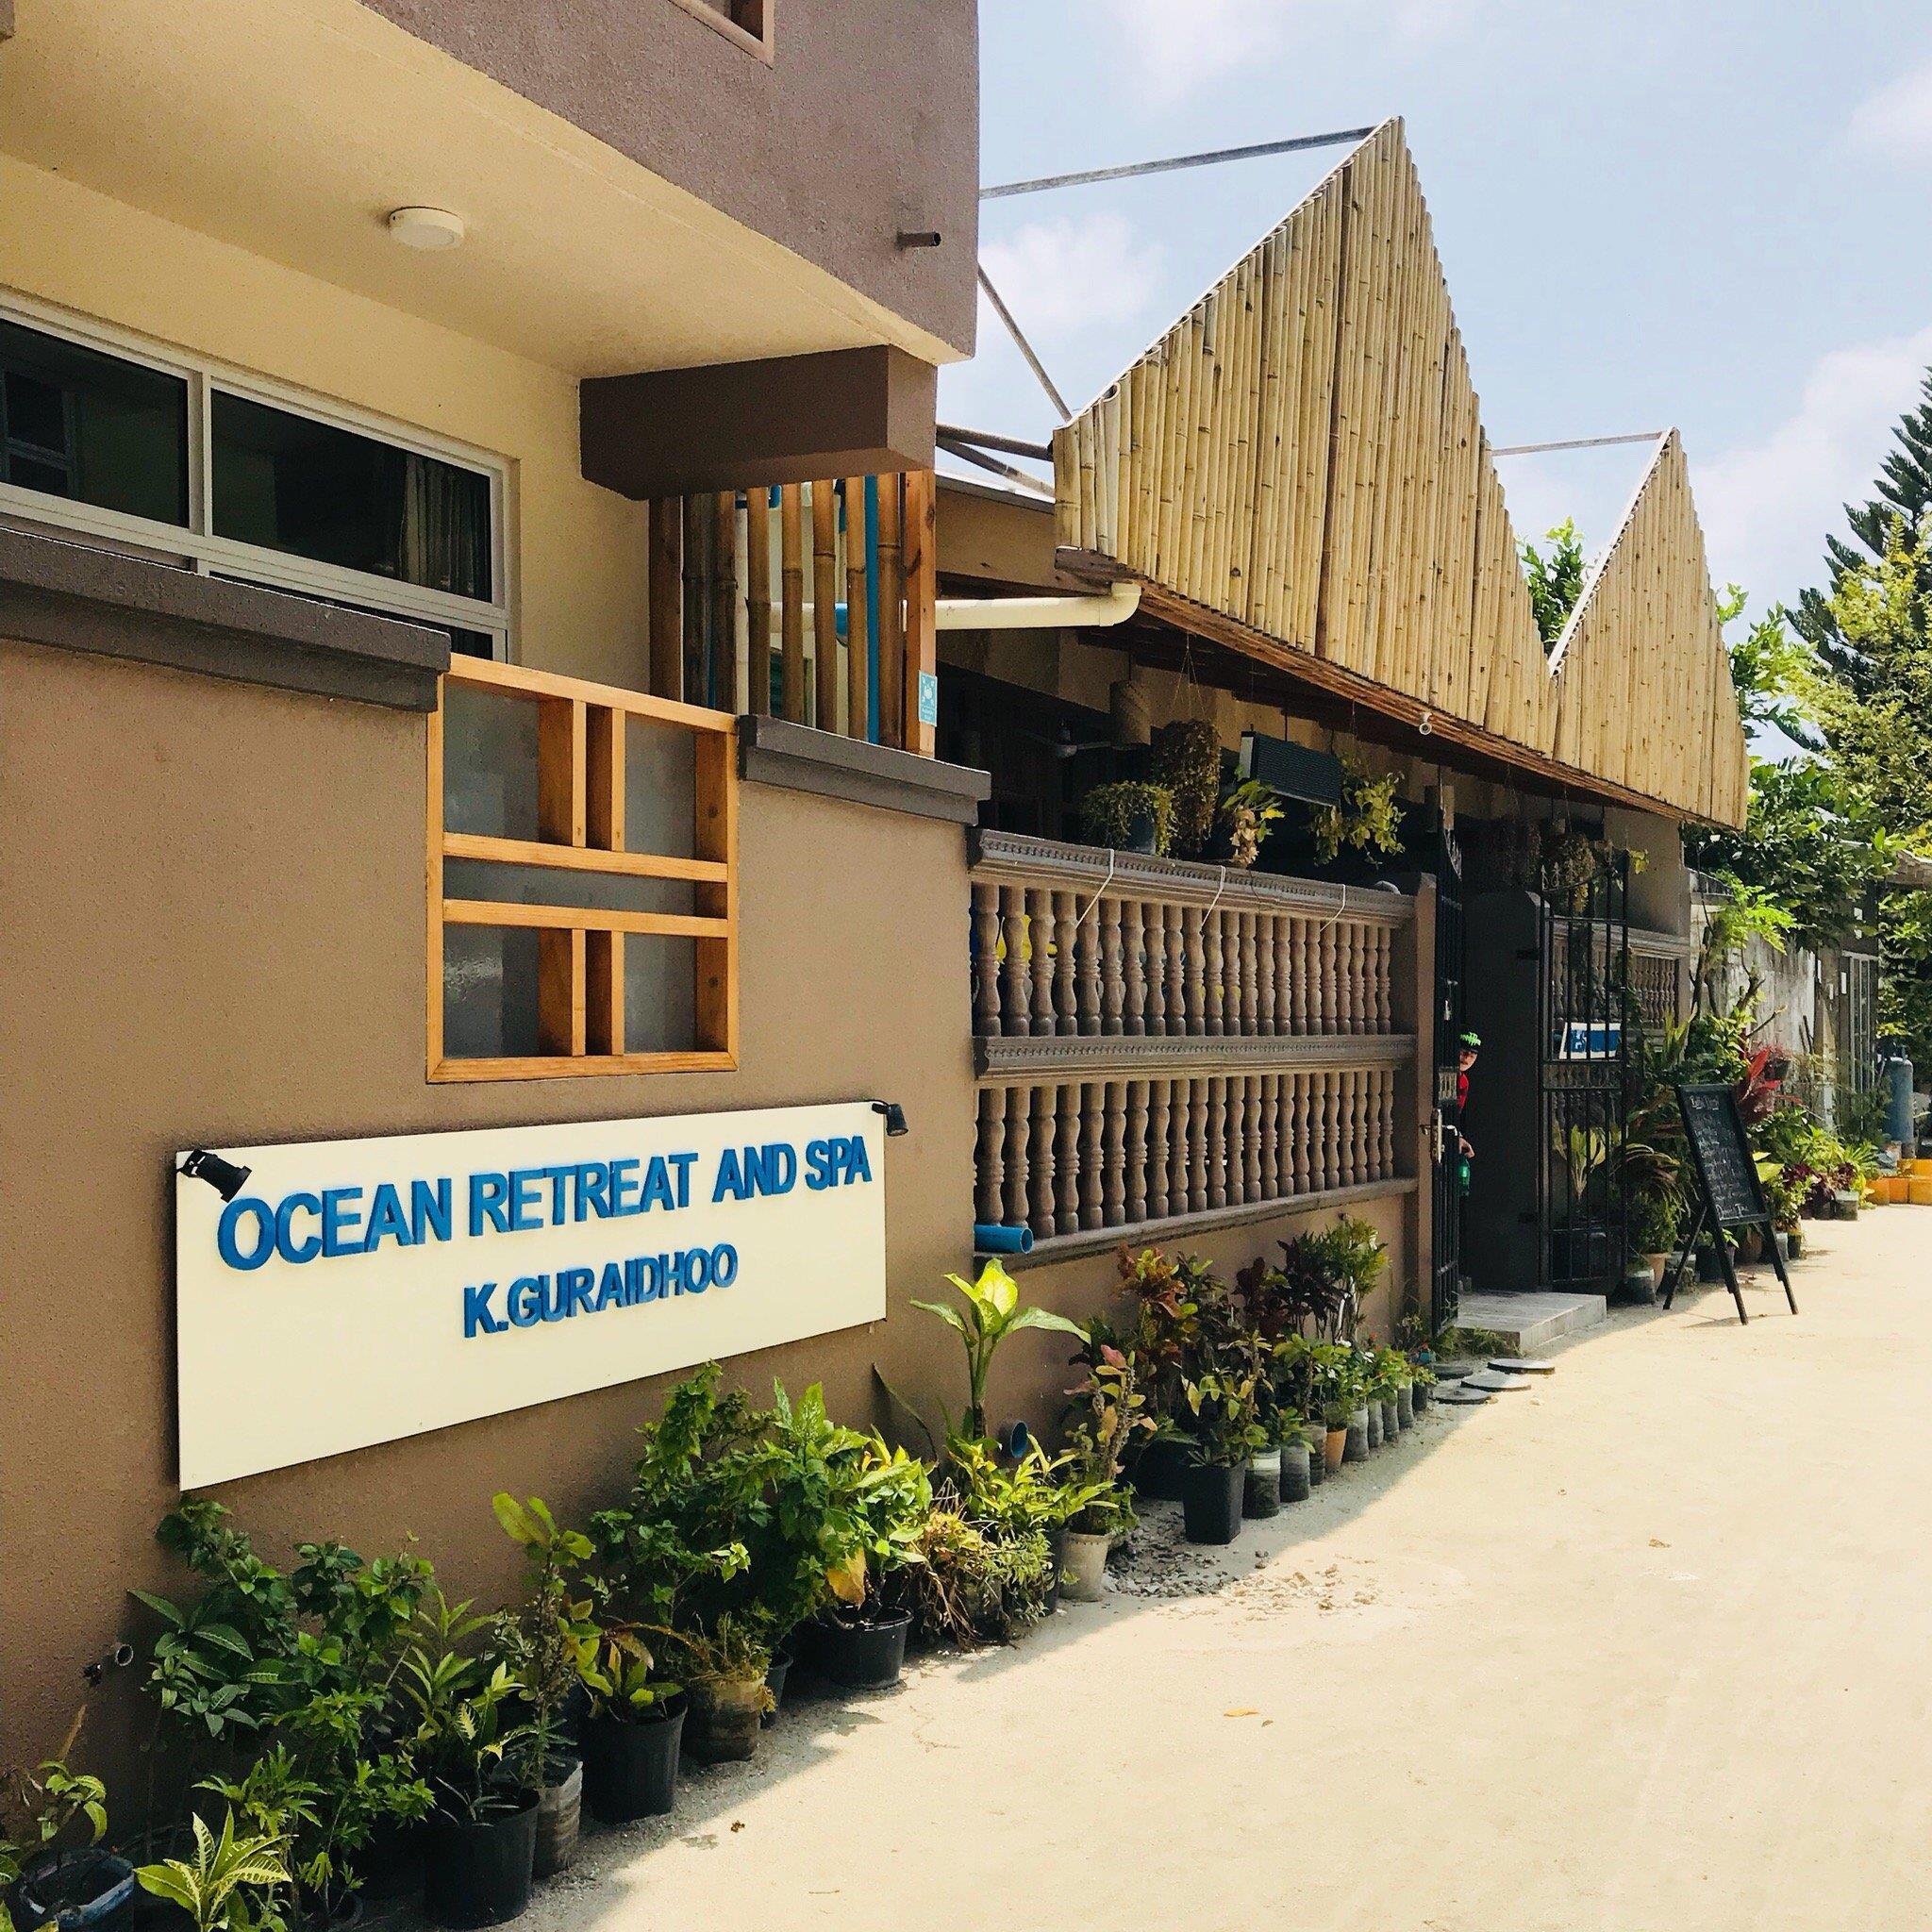 ocean-retreat-spa-guraidhoo-island-spa-006